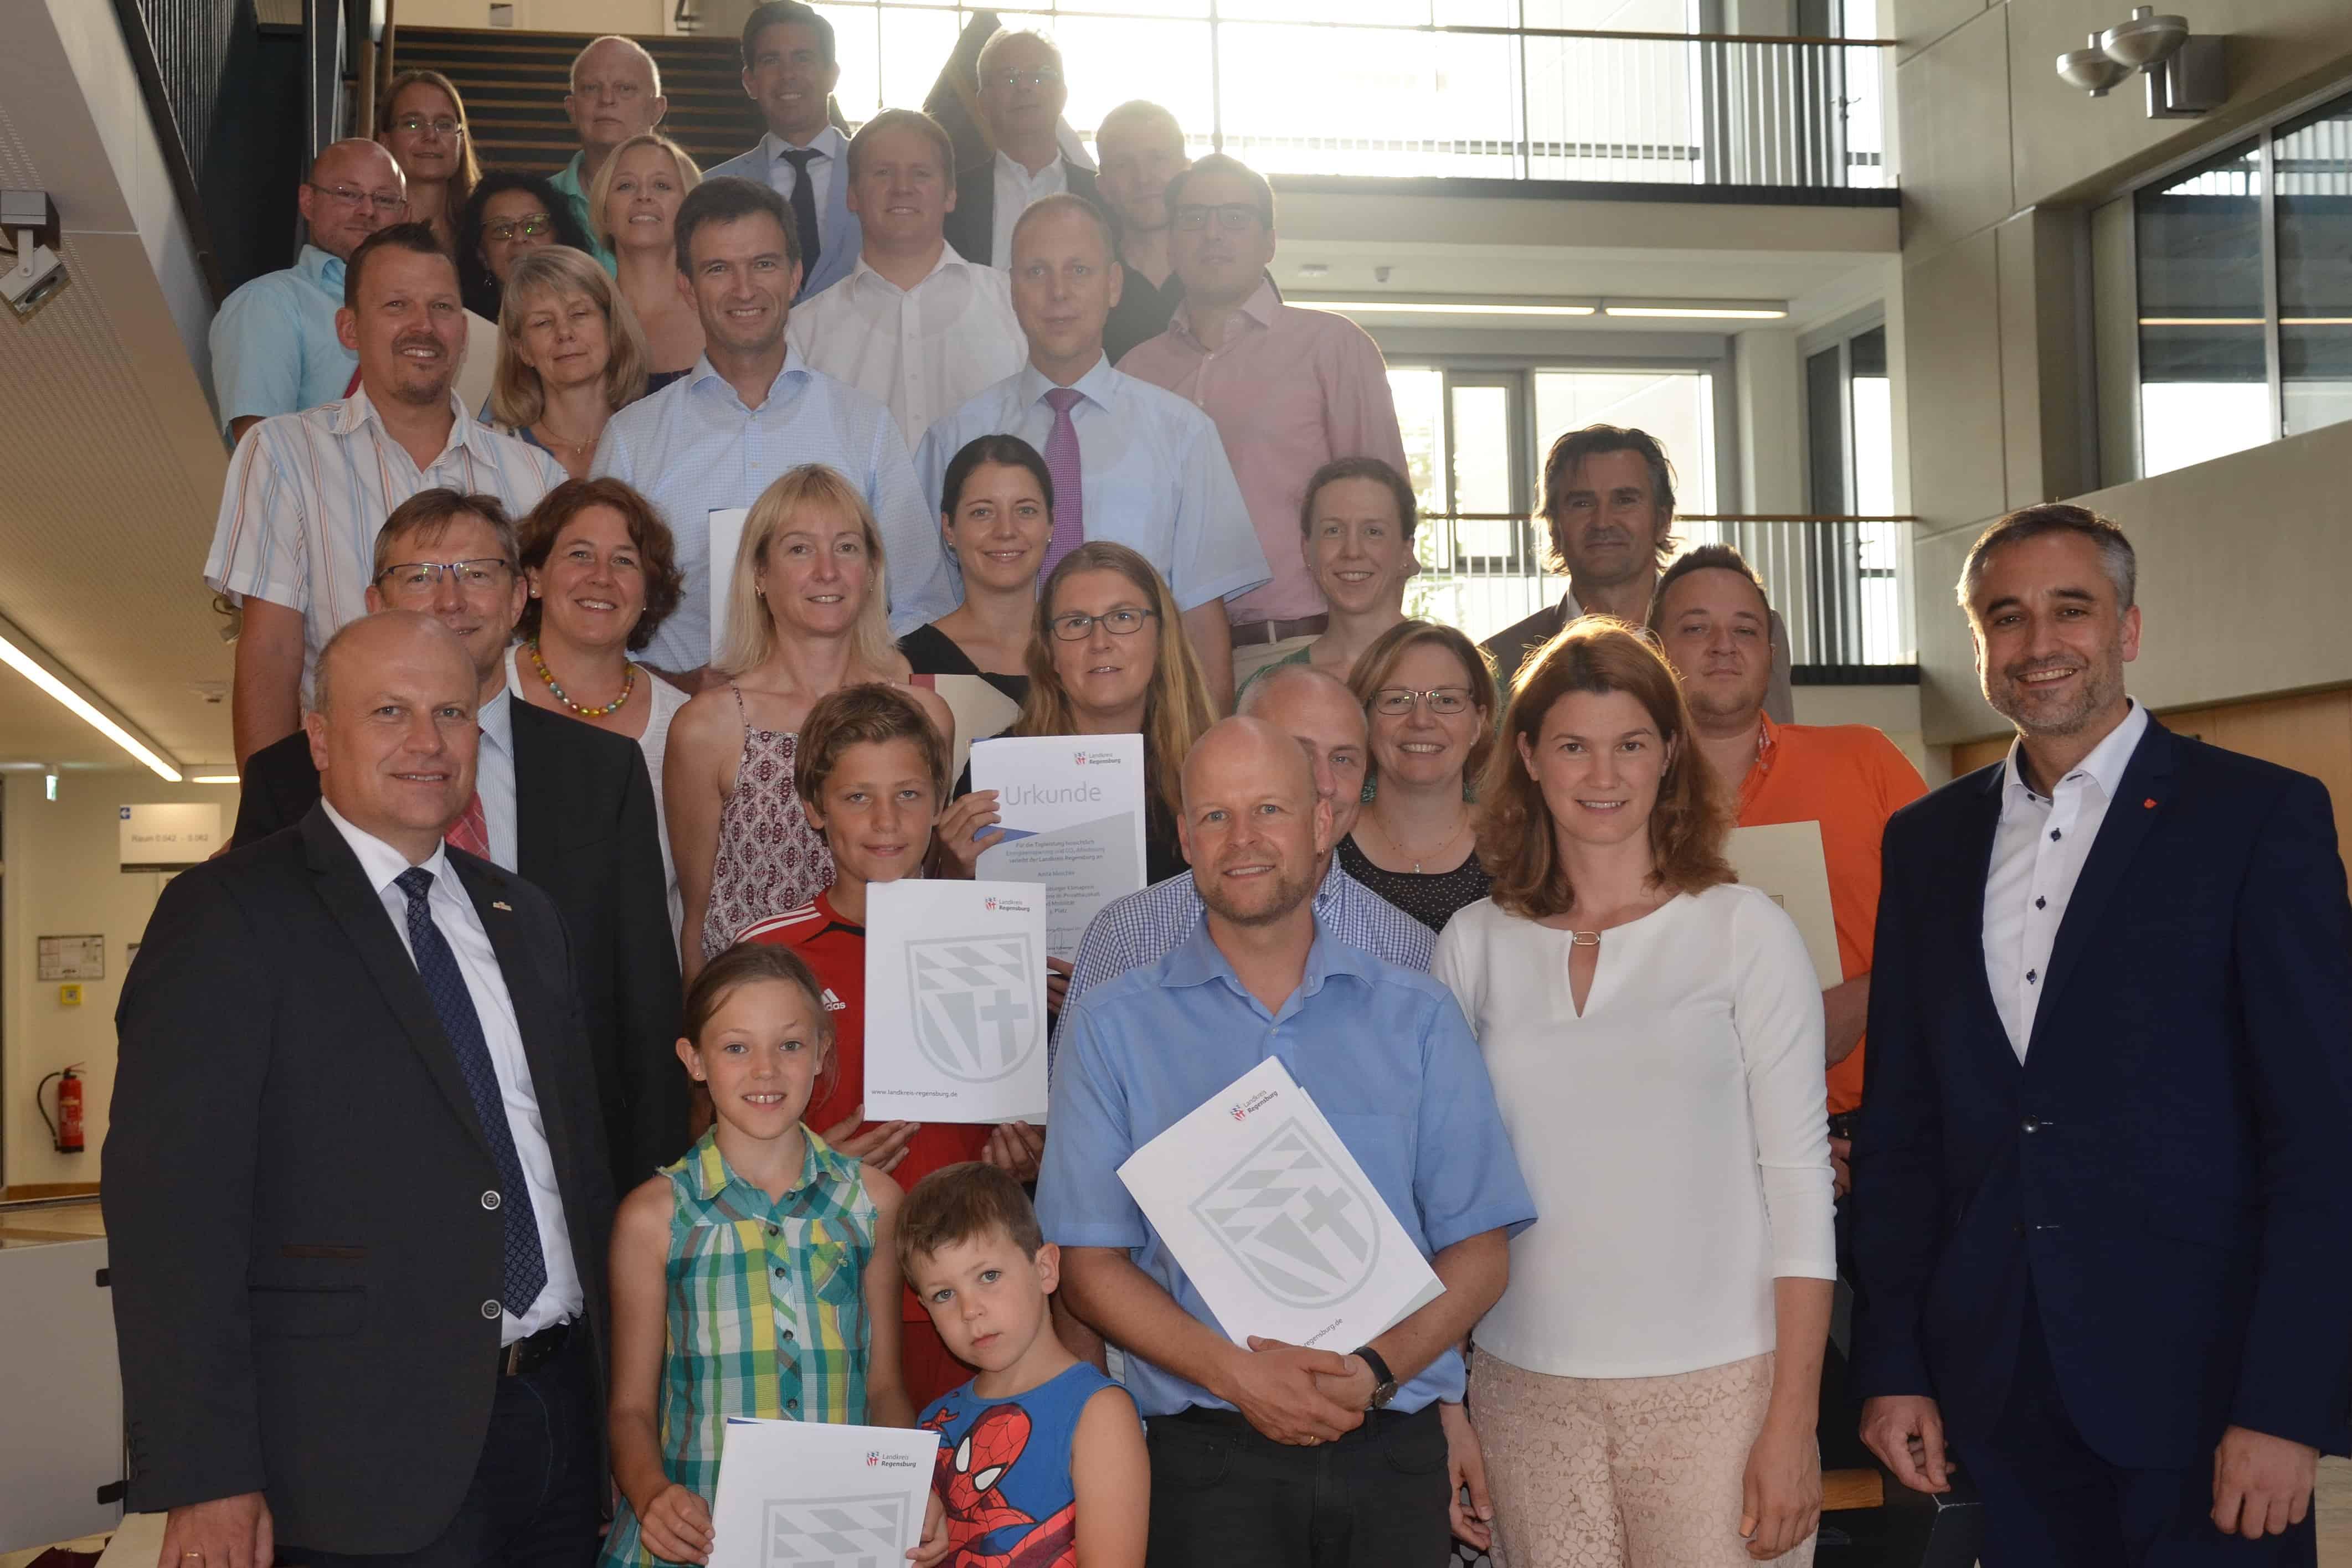 Stadt und Landkreis Regensburg verleihen Klimapreis